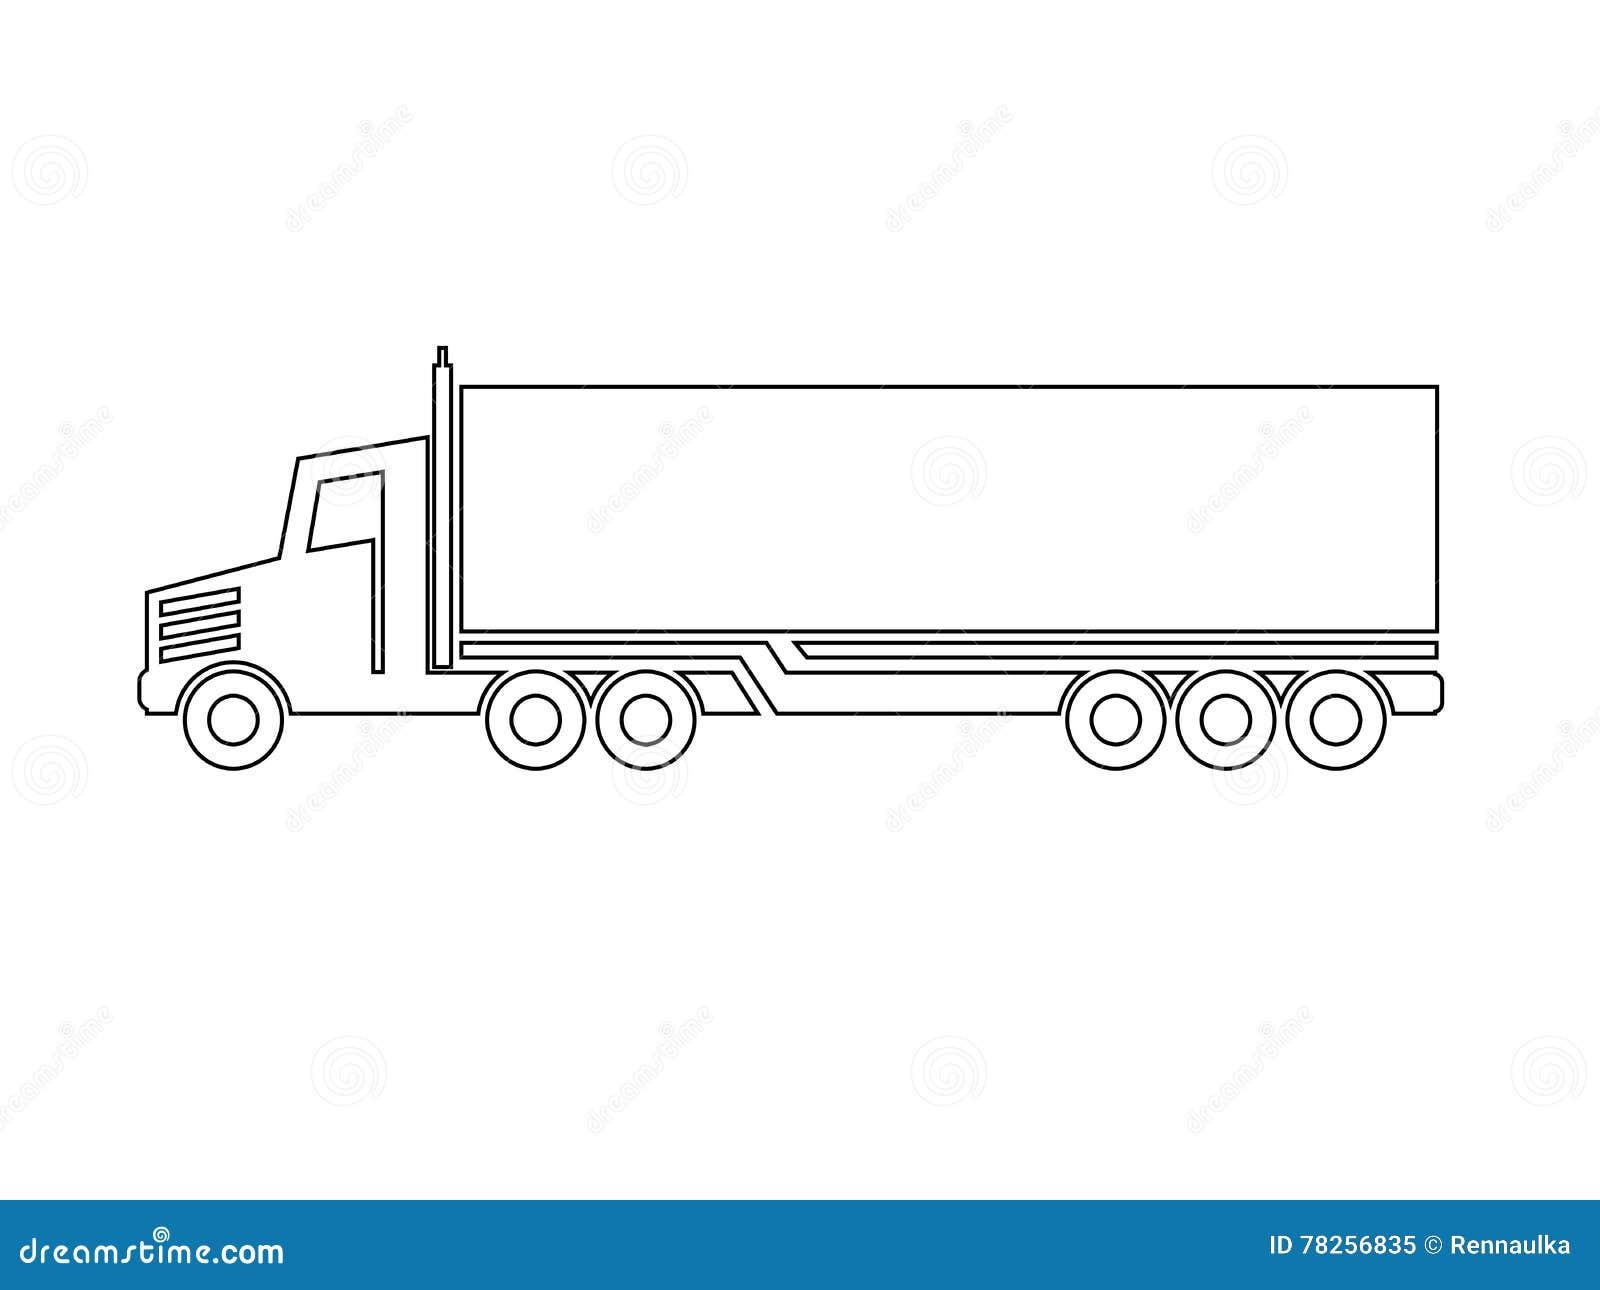 Σύμβολο της μεταφοράς, ναυτιλία εικονιδίων του κιβωτίου, σκιαγραφία του φορτηγού, φορτηγό Μονοχρωματικό σχέδιο γραμμών